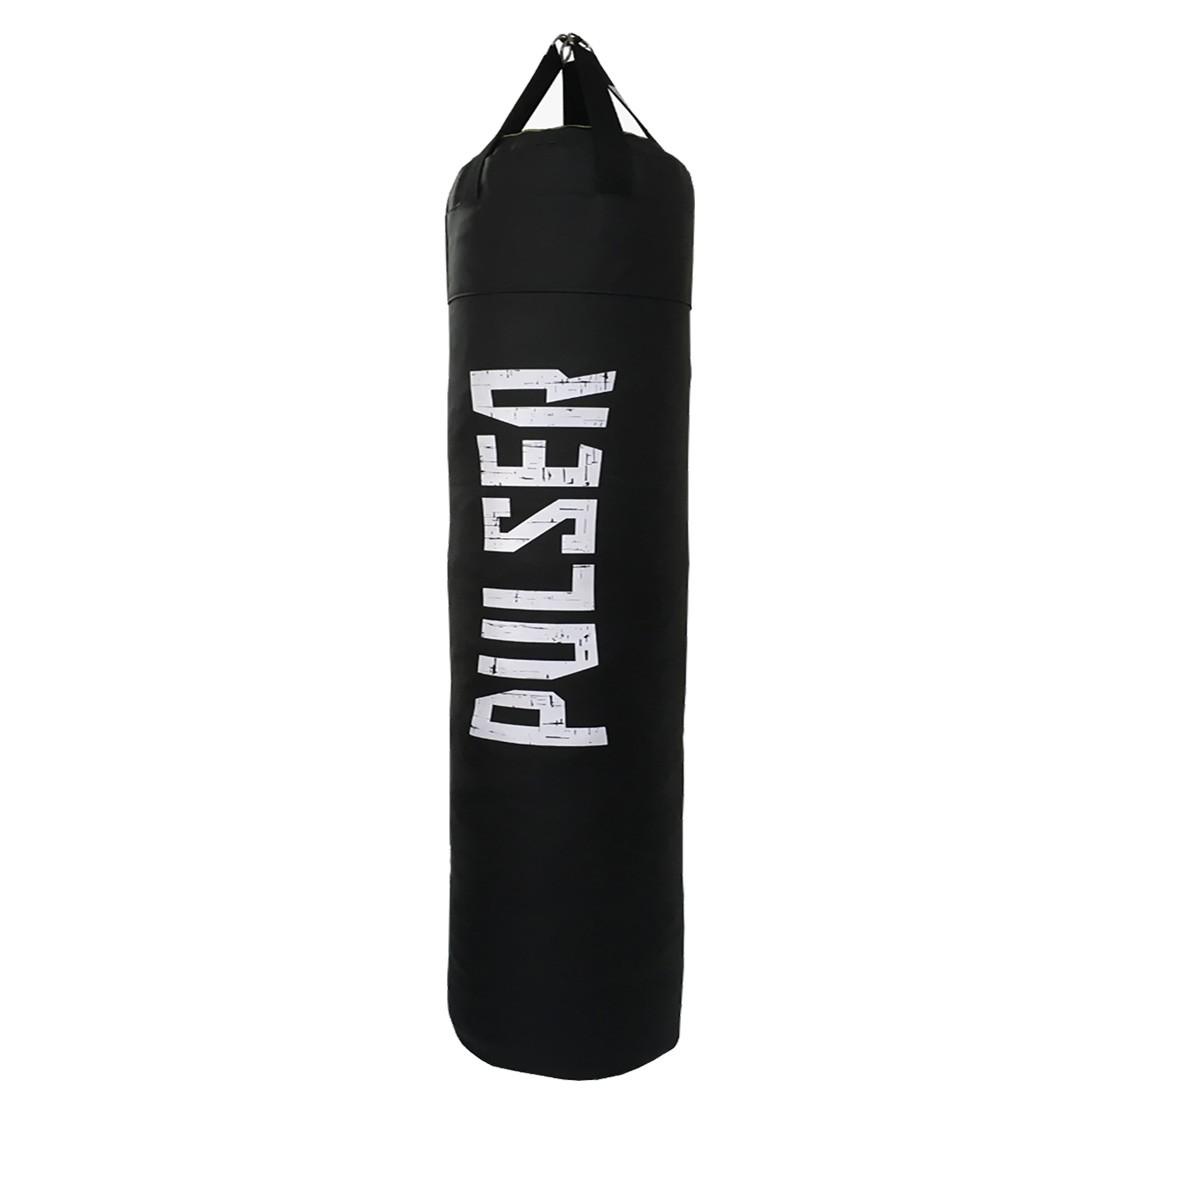 """Saco Pancada """"VAZIO"""" Muay Thai Boxe G 1,40x1,20 - Pulser  - PRALUTA SHOP"""